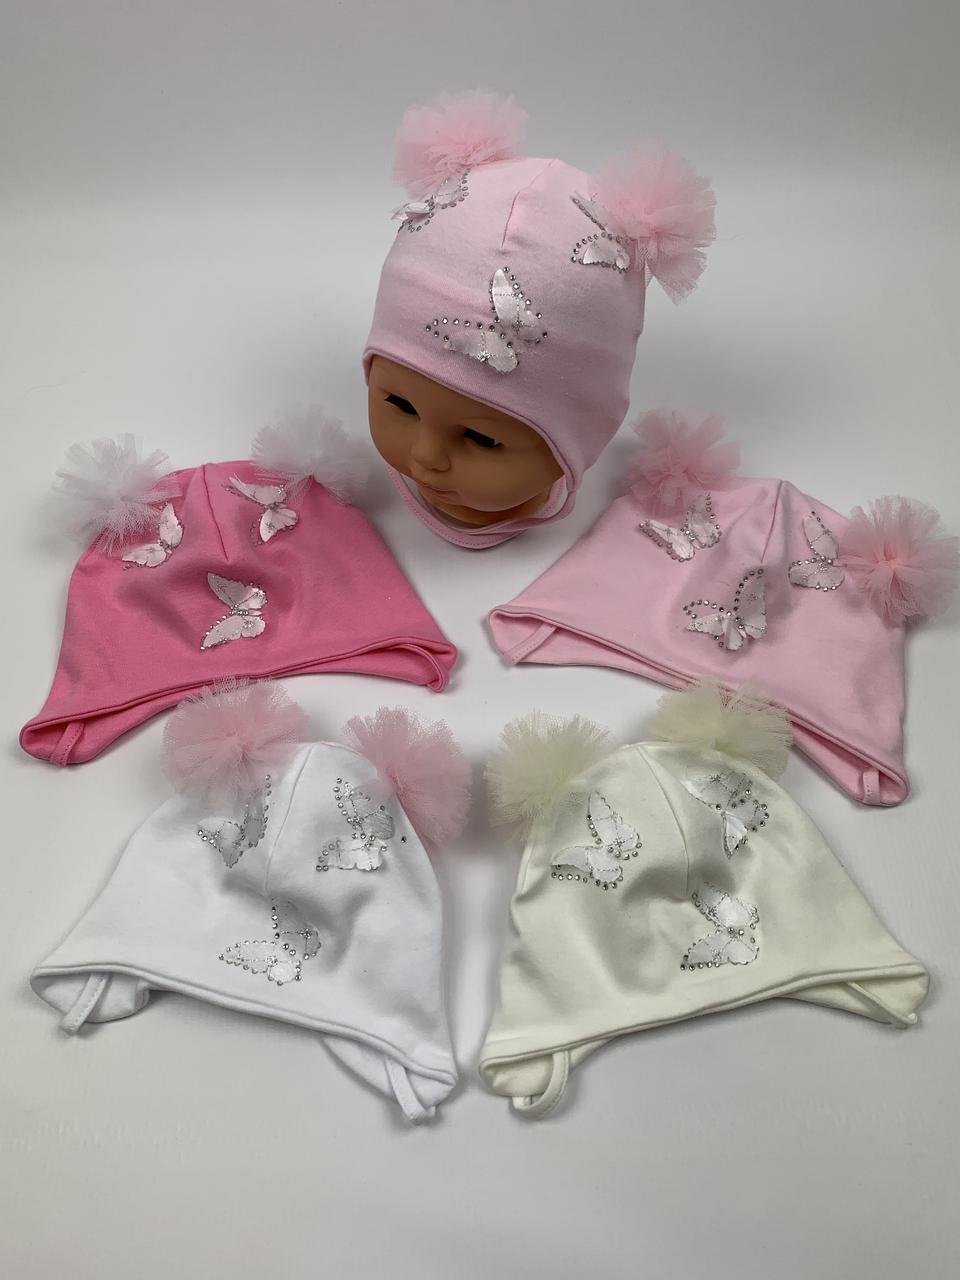 Детские польские демисезонные трикотажные шапки на завязках для девочек оптом, р.38-40 42-44, Ala Baby (ab179)